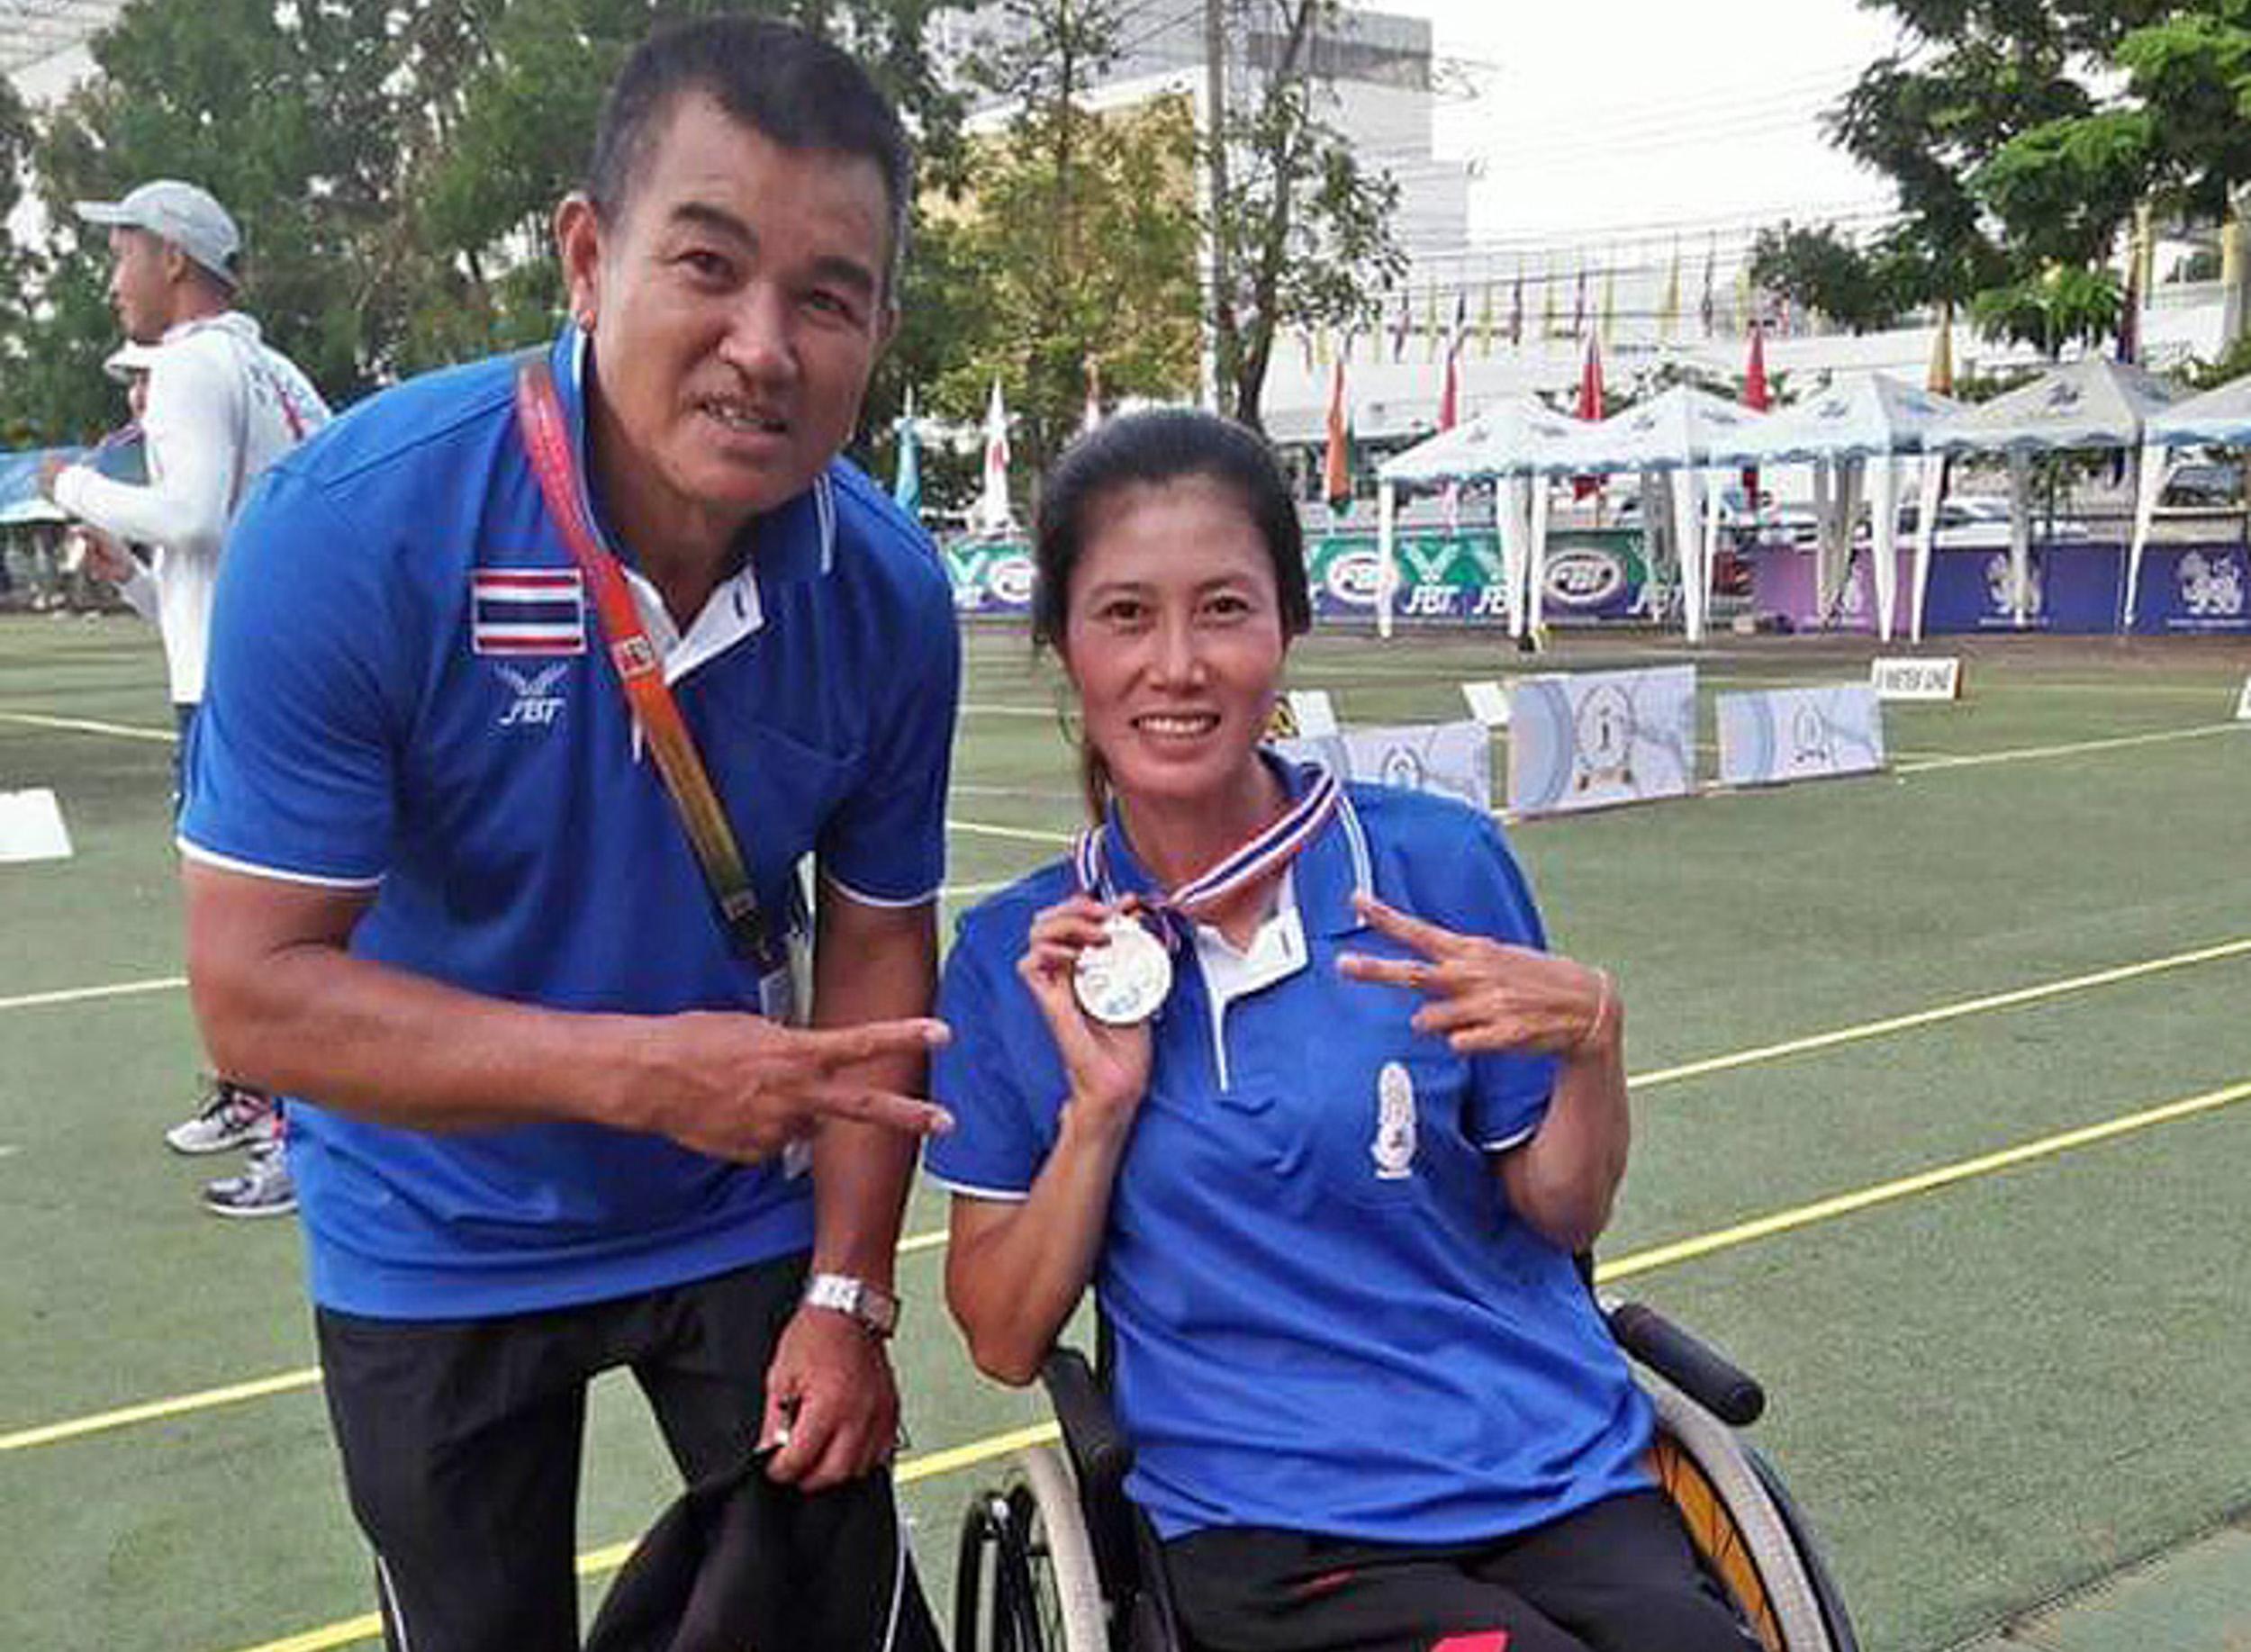 จุตินันท์ ภิรมย์ภักดี ประธาน พาราลิมปิกเกมส์ 2020 พาราลิมปิกแห่งประเทศไทย